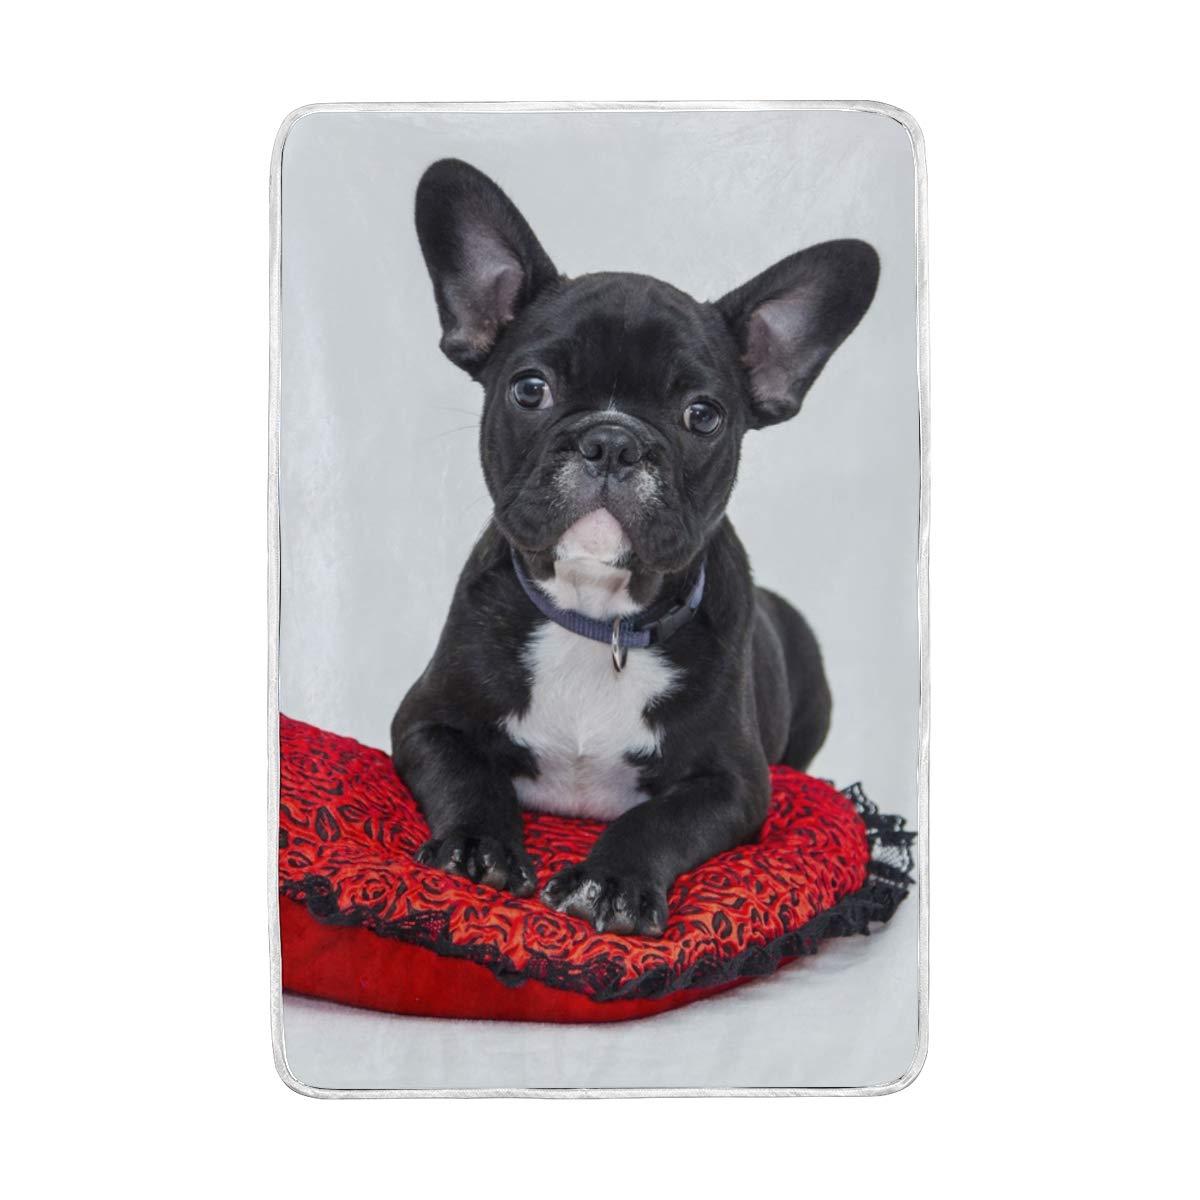 Amazon.com: ATZUCL - Manta de terciopelo para perro, suave ...